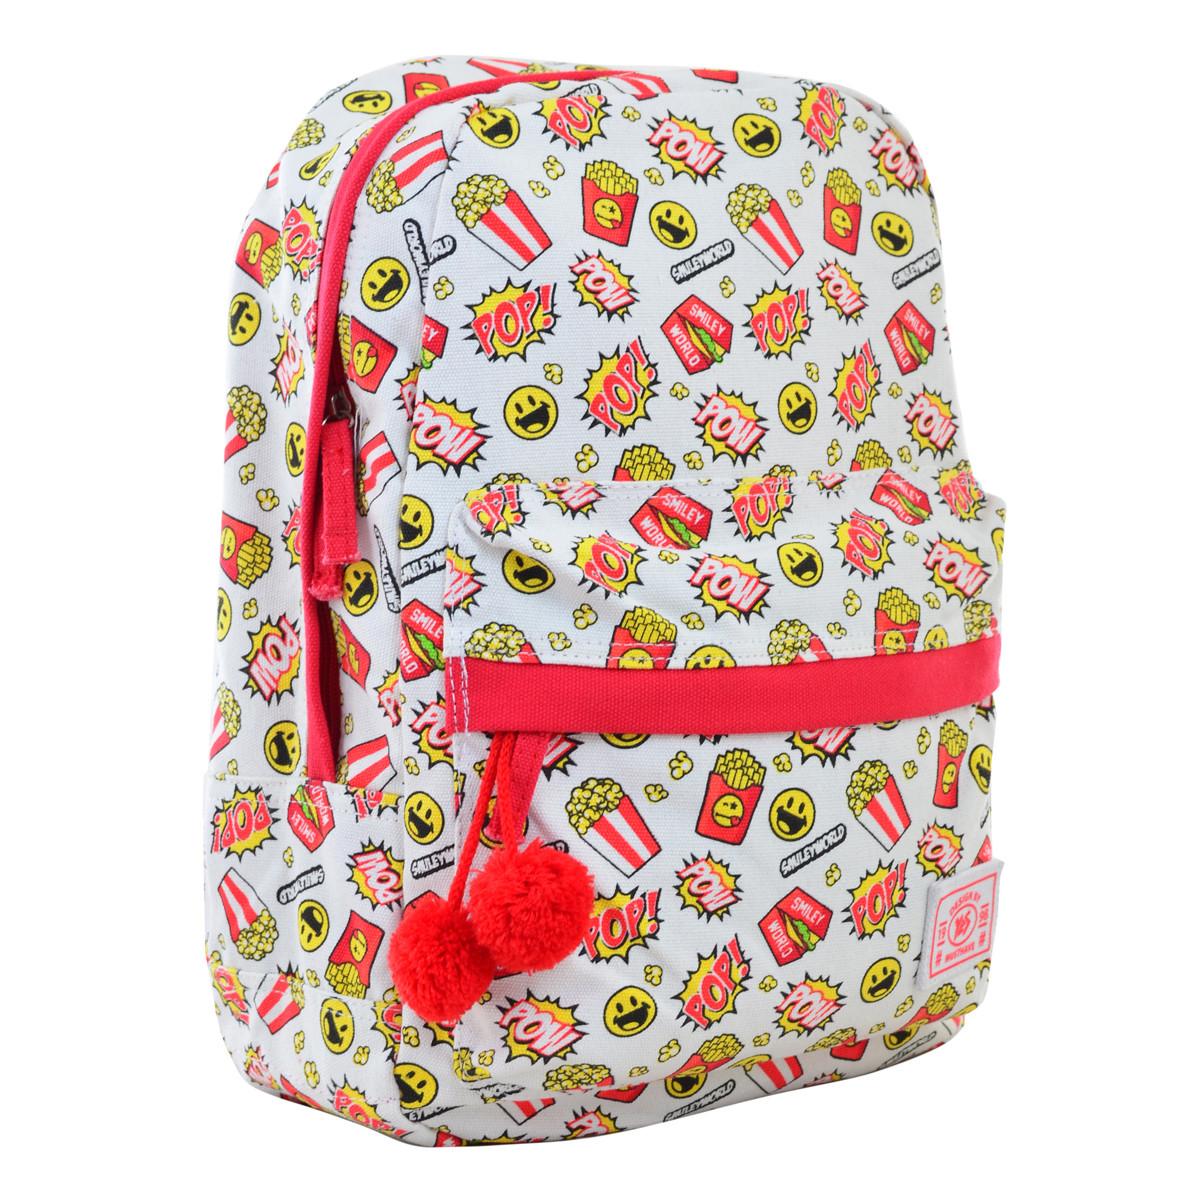 Рюкзак молодежный ST-33 POW, 35*29*12